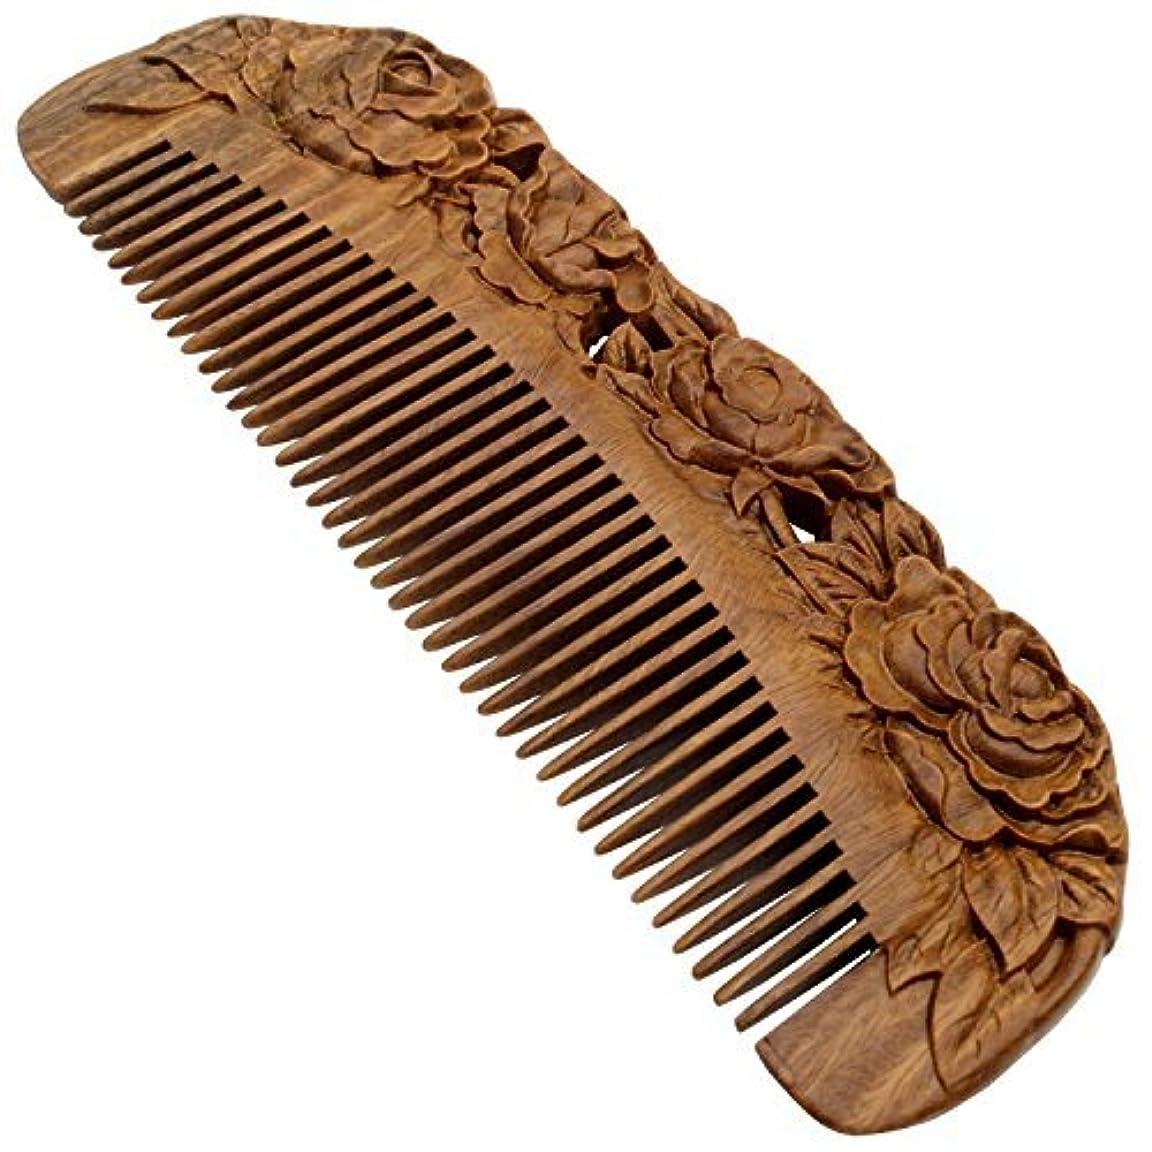 スライム短命勃起YOY Handmade Carved Natural Sandalwood Hair Comb - Anti-static No Snag Brush for Men's Mustache Beard Care Anti Dandruff Women Girls Head Hair Accessory (HC1006) [並行輸入品]